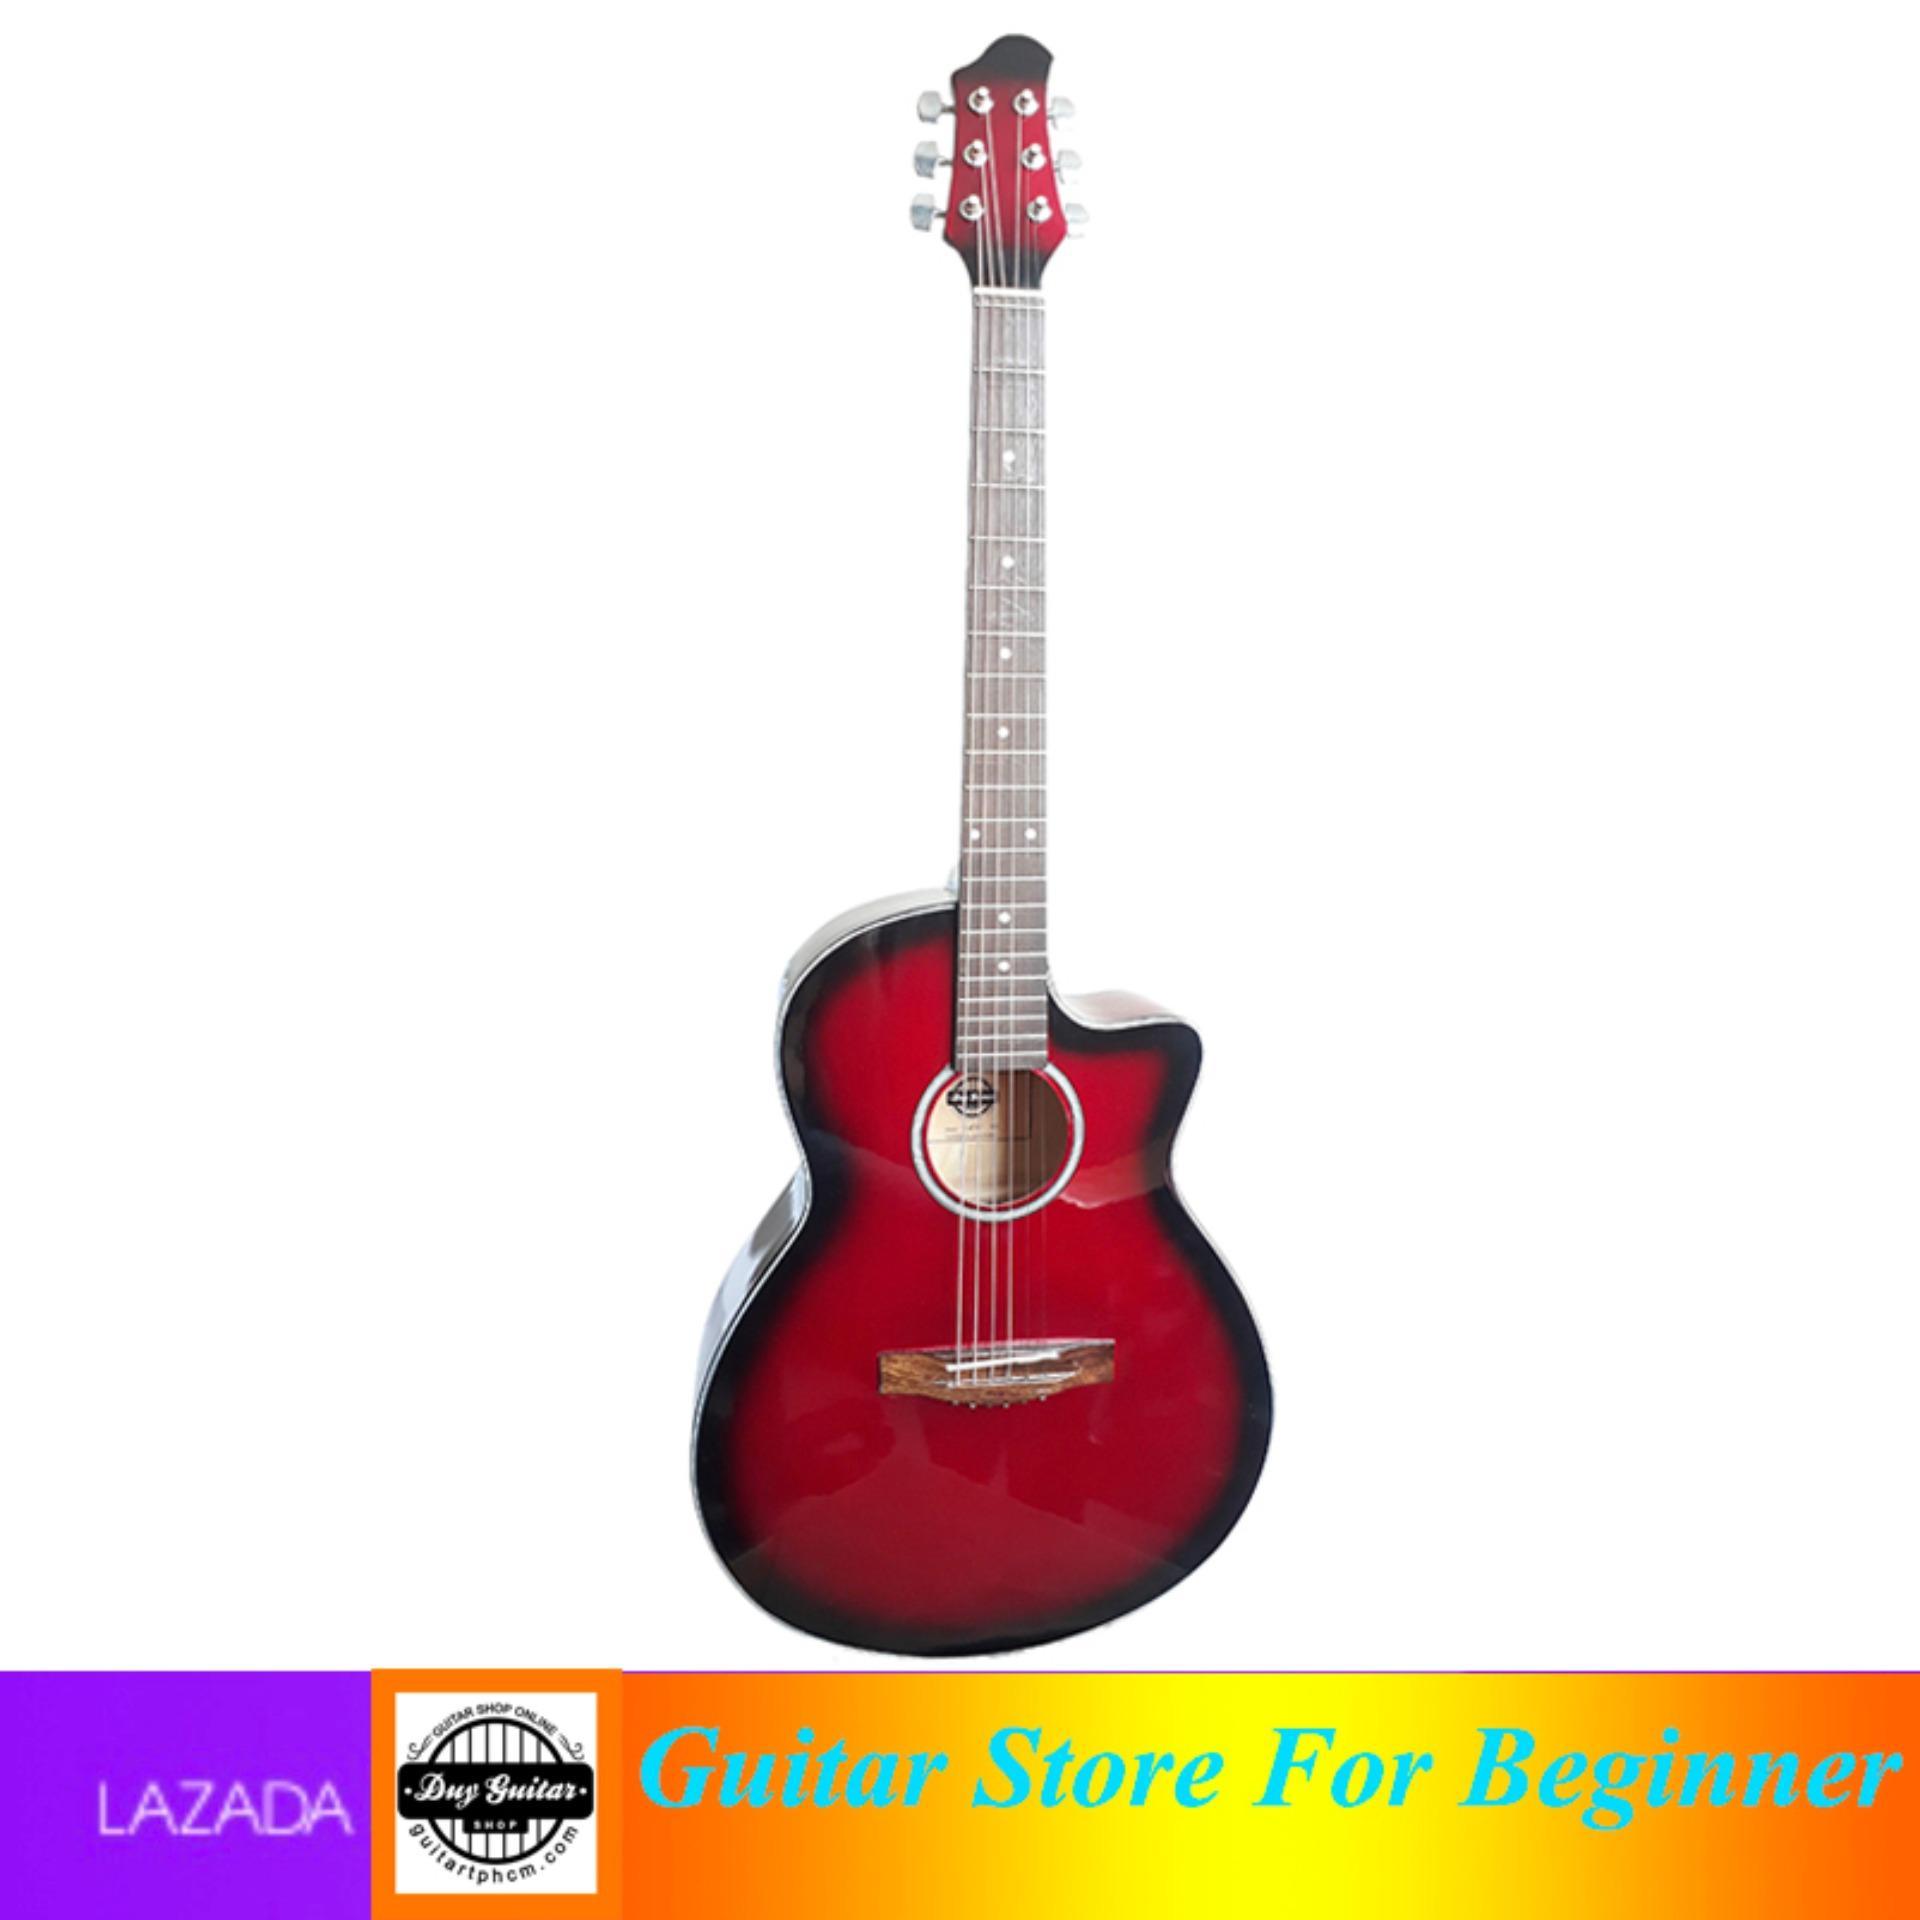 Đàn guitar Acoustic DVE85 ( đỏ mận ) + Tặng bao da - Duy Guitar chuyên đàn guitar giá tốt dành cho người mới tập - Shop Đàn Guitar Uy tín - Giá rẻ